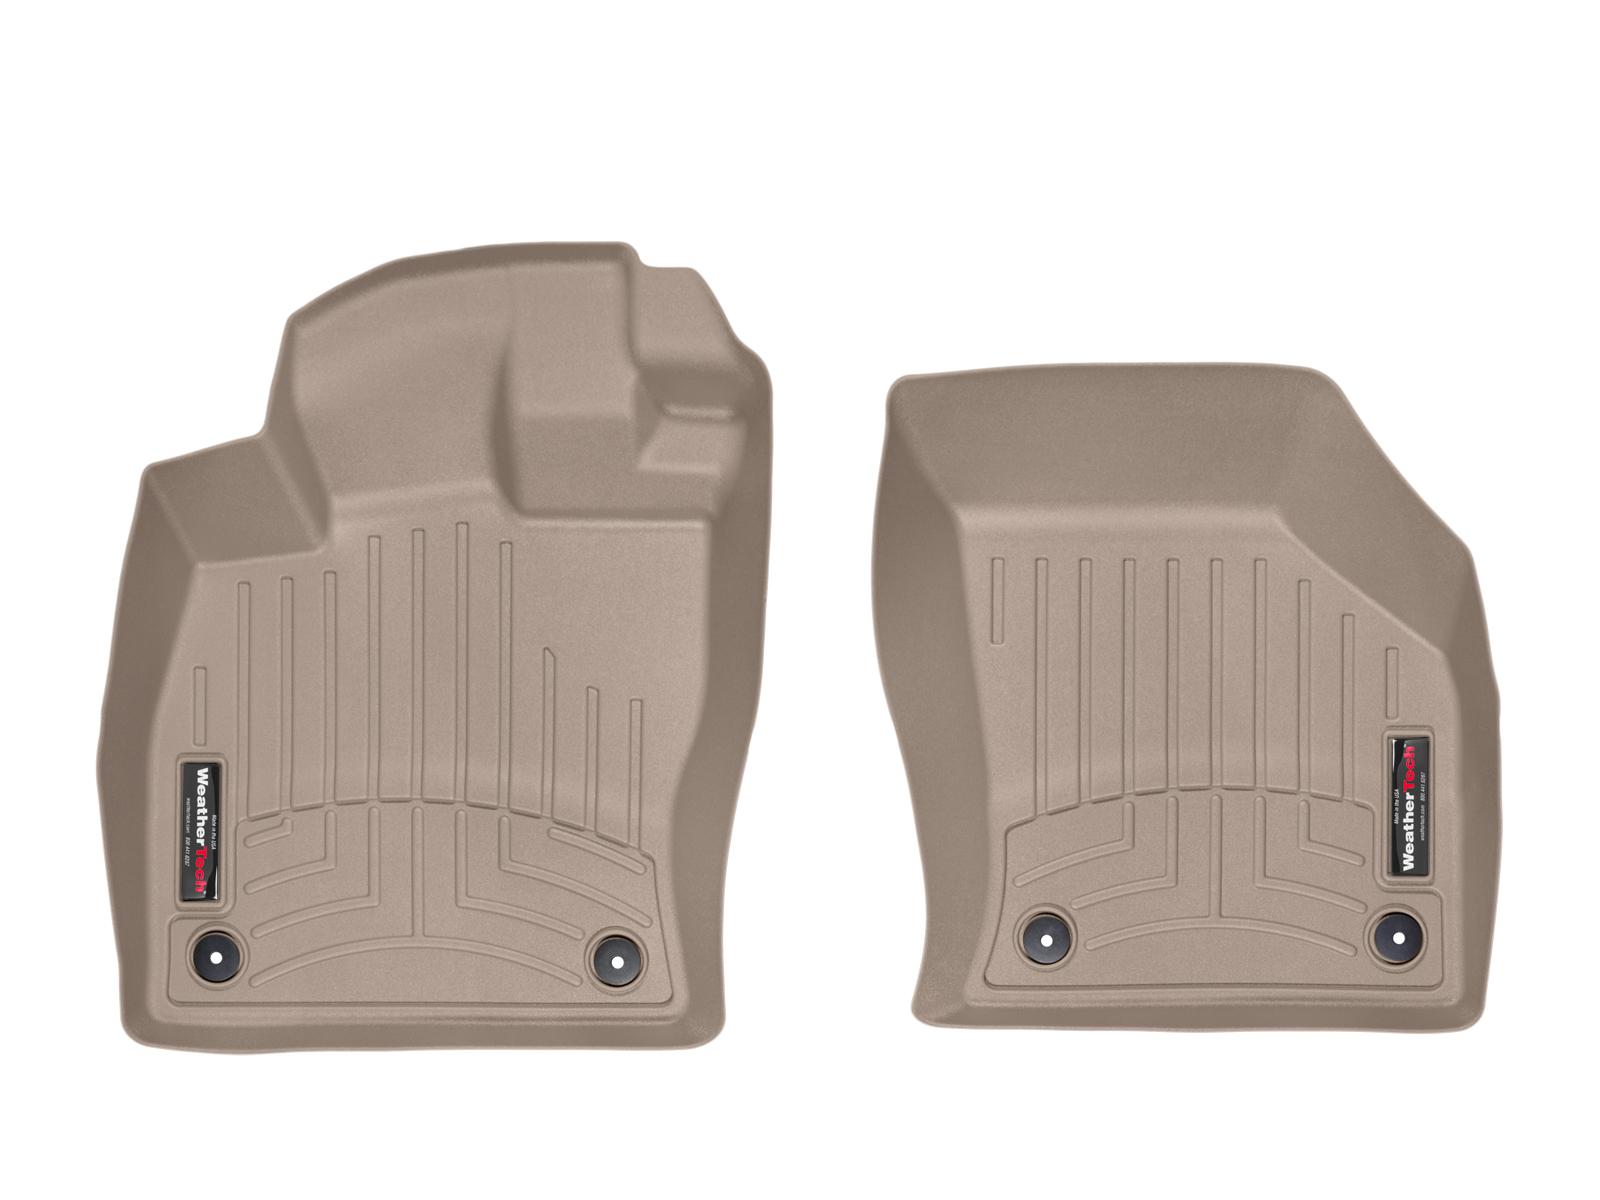 Tappeti gomma su misura bordo alto Volkswagen Golf 4Mot.13>17 Marrone A4066*